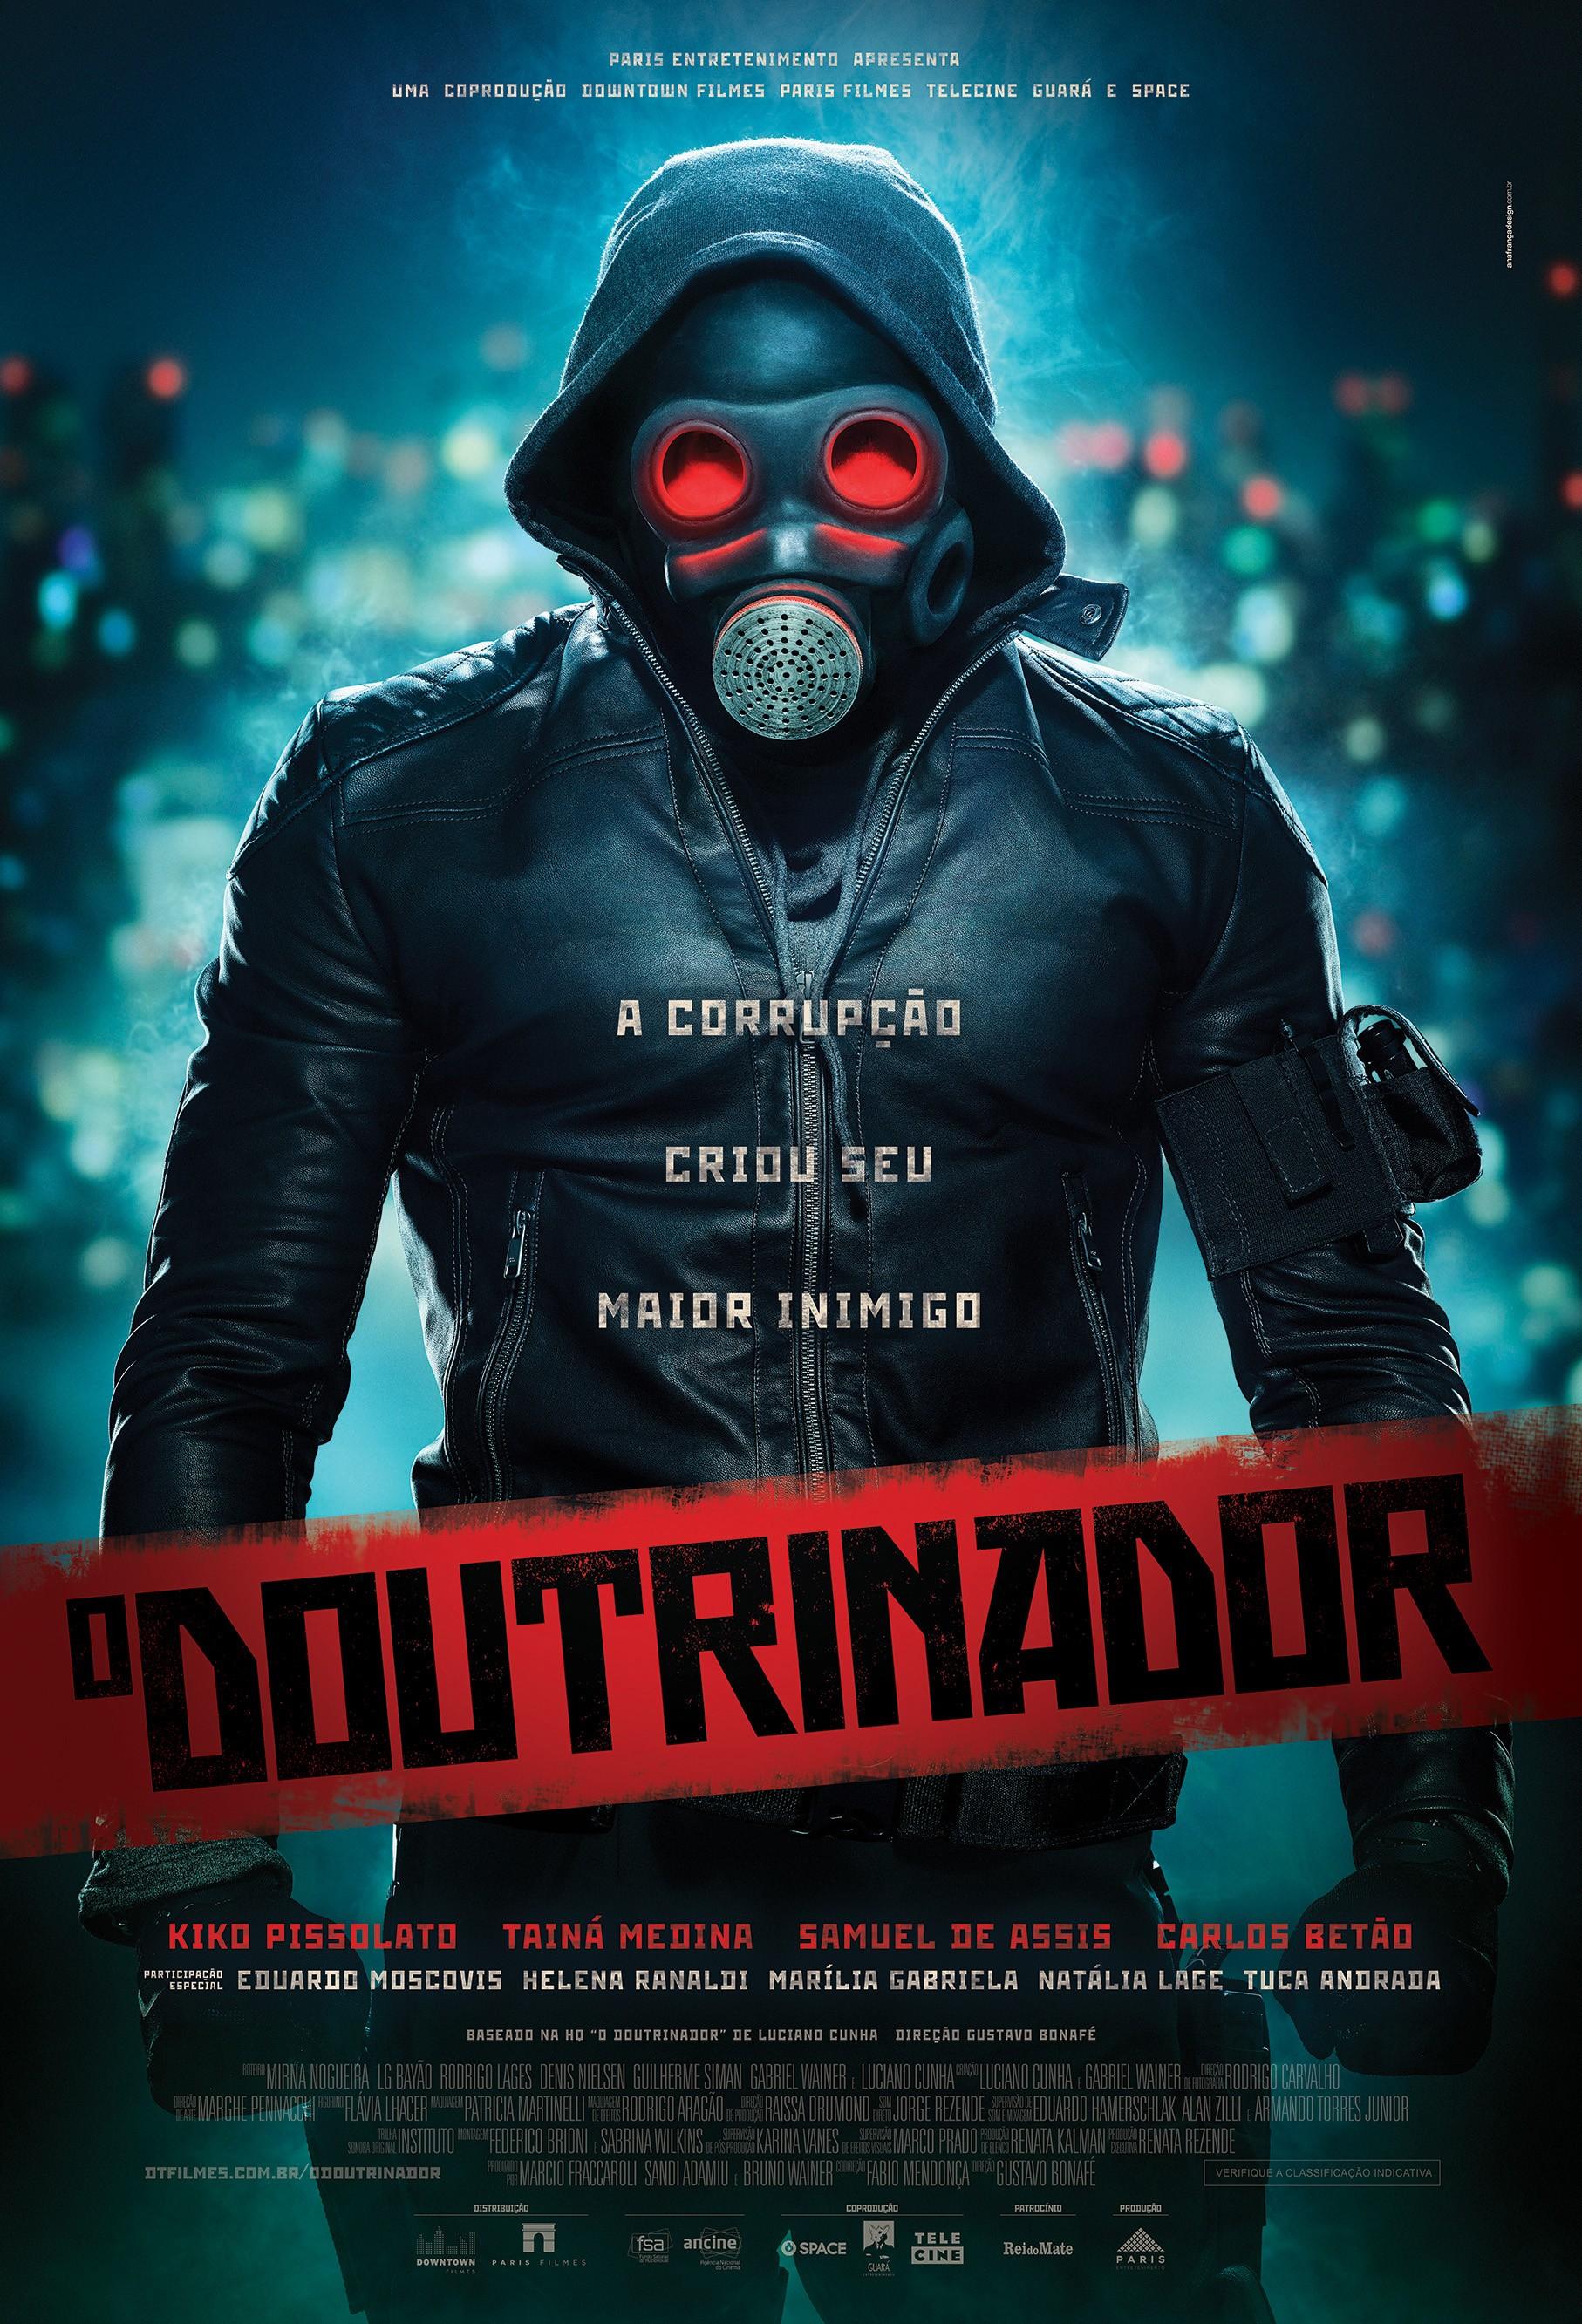 O Doutrinador (Foto: Divulgação)